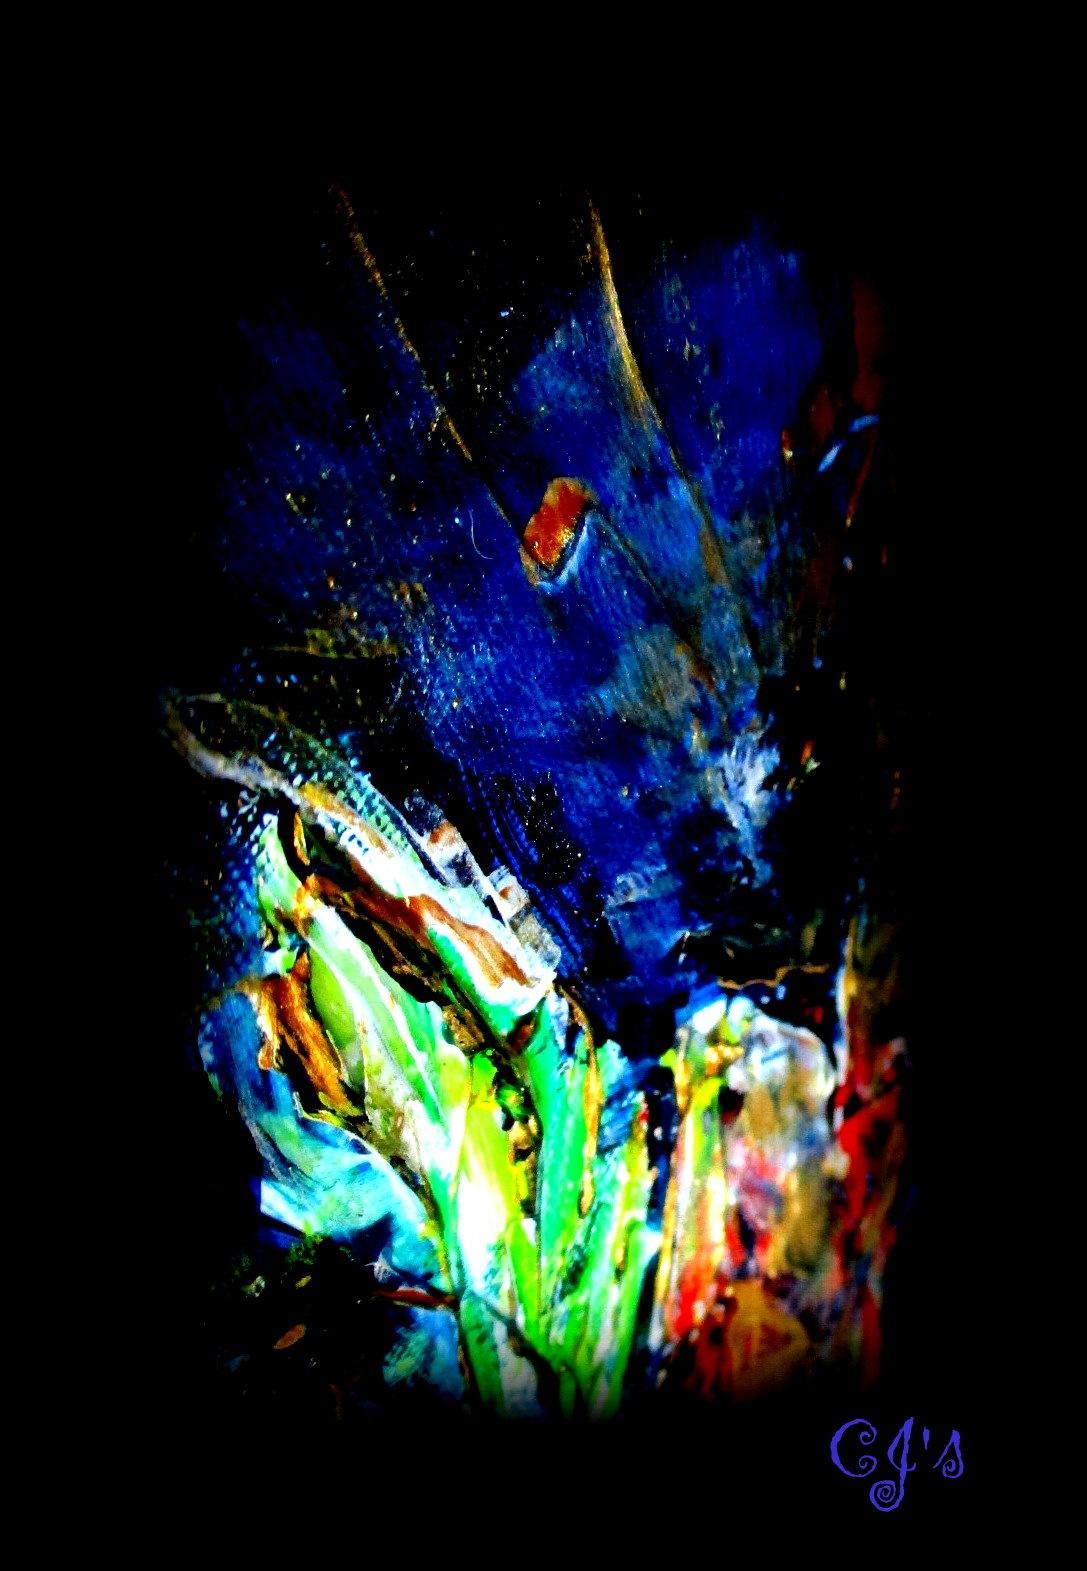 Untitled by cathyjansen